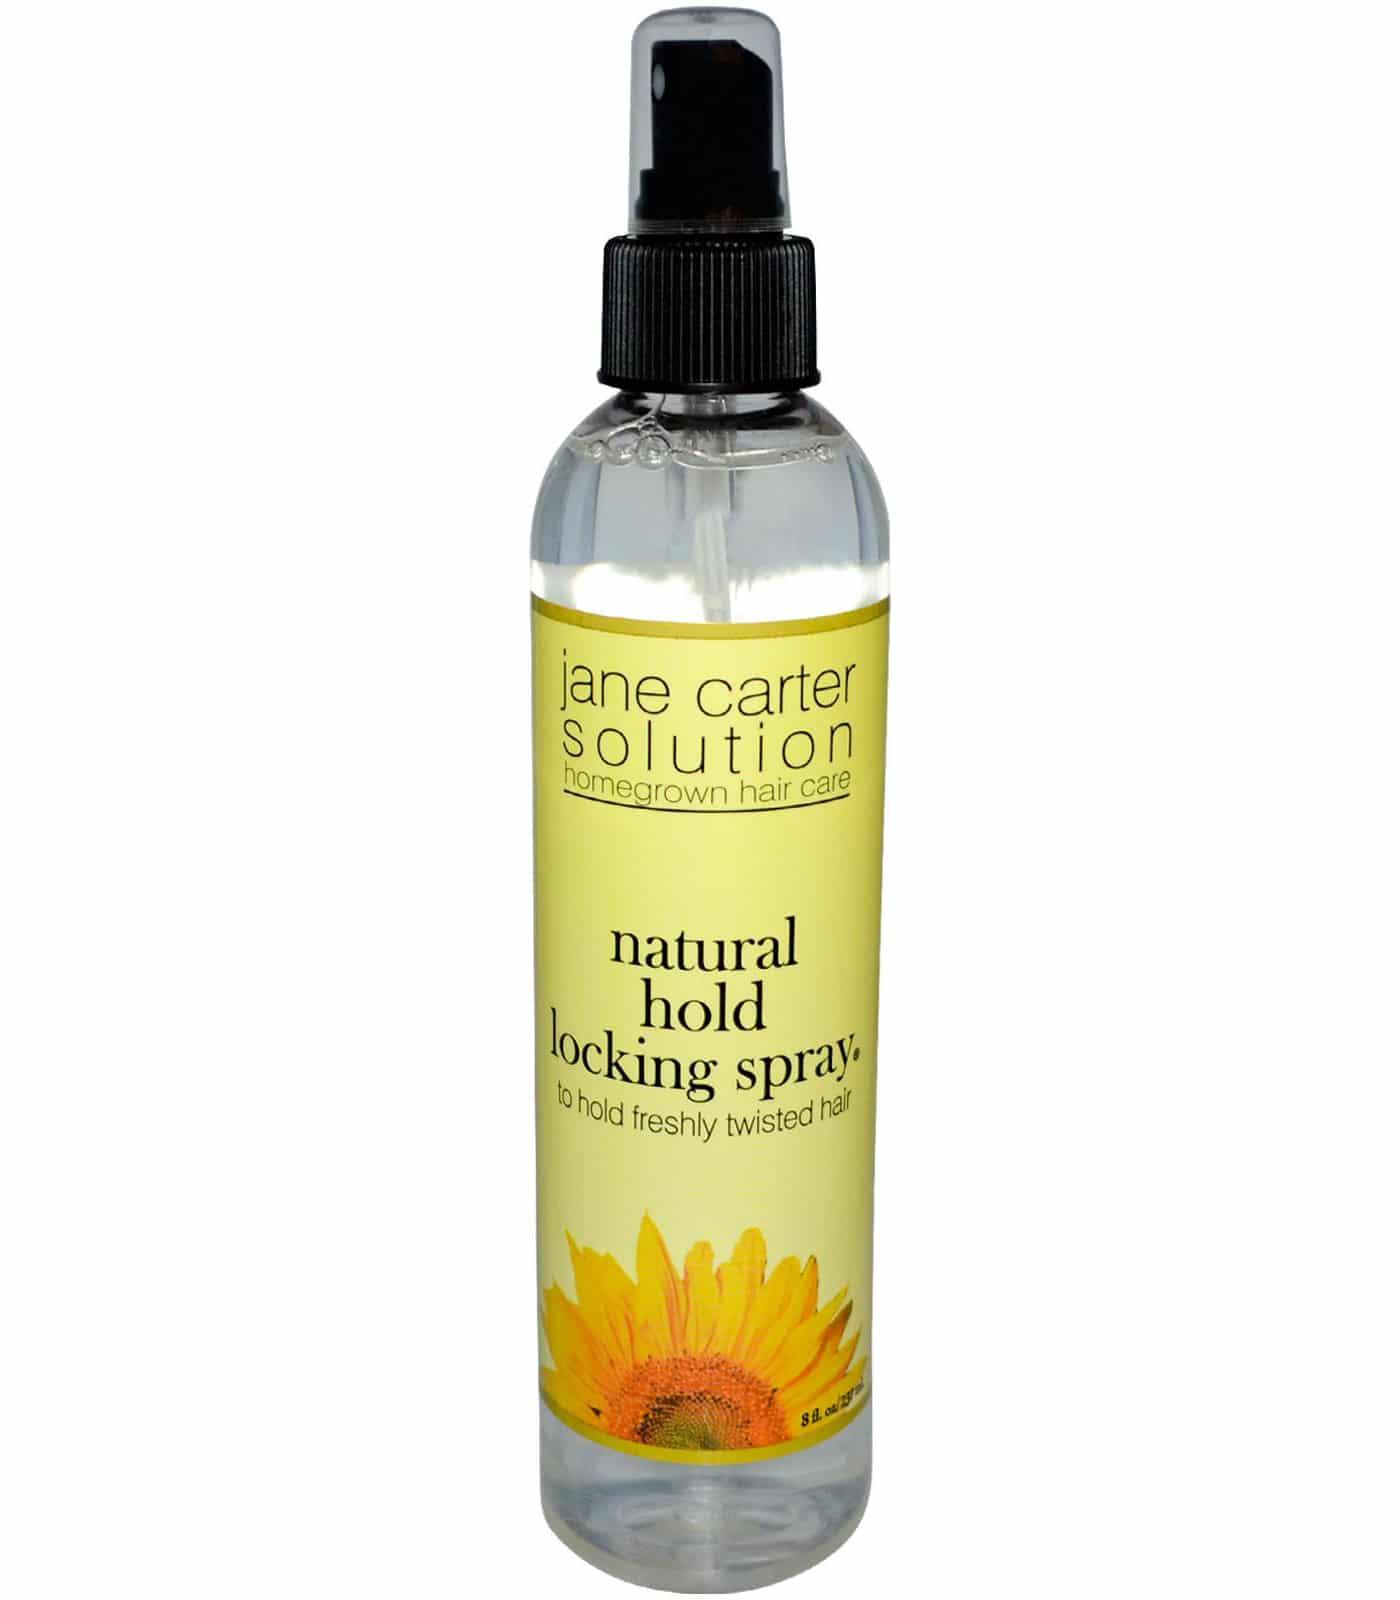 Jane Carter Natural Hold Locking Spray 8oz Barber Depot